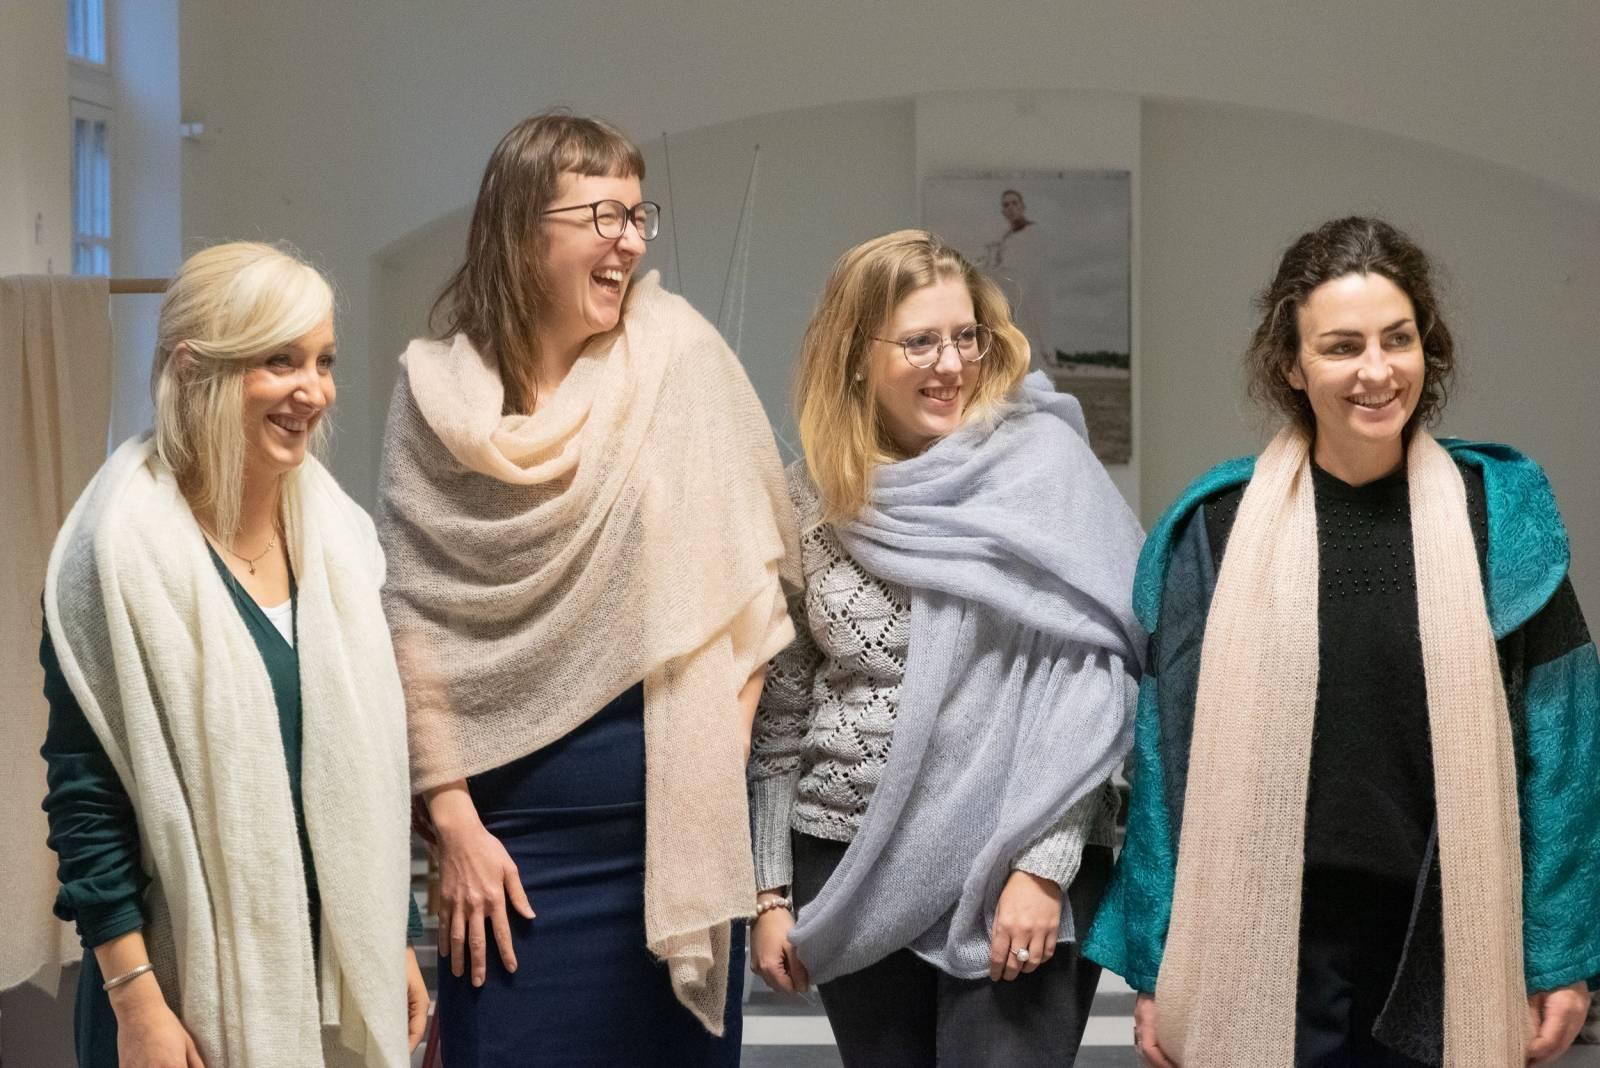 Lotte Van Huyck - Bridal Knitwear - Sjaals - Bridal workshop - Vrijgezellen activiteit - House of Weddings - 33